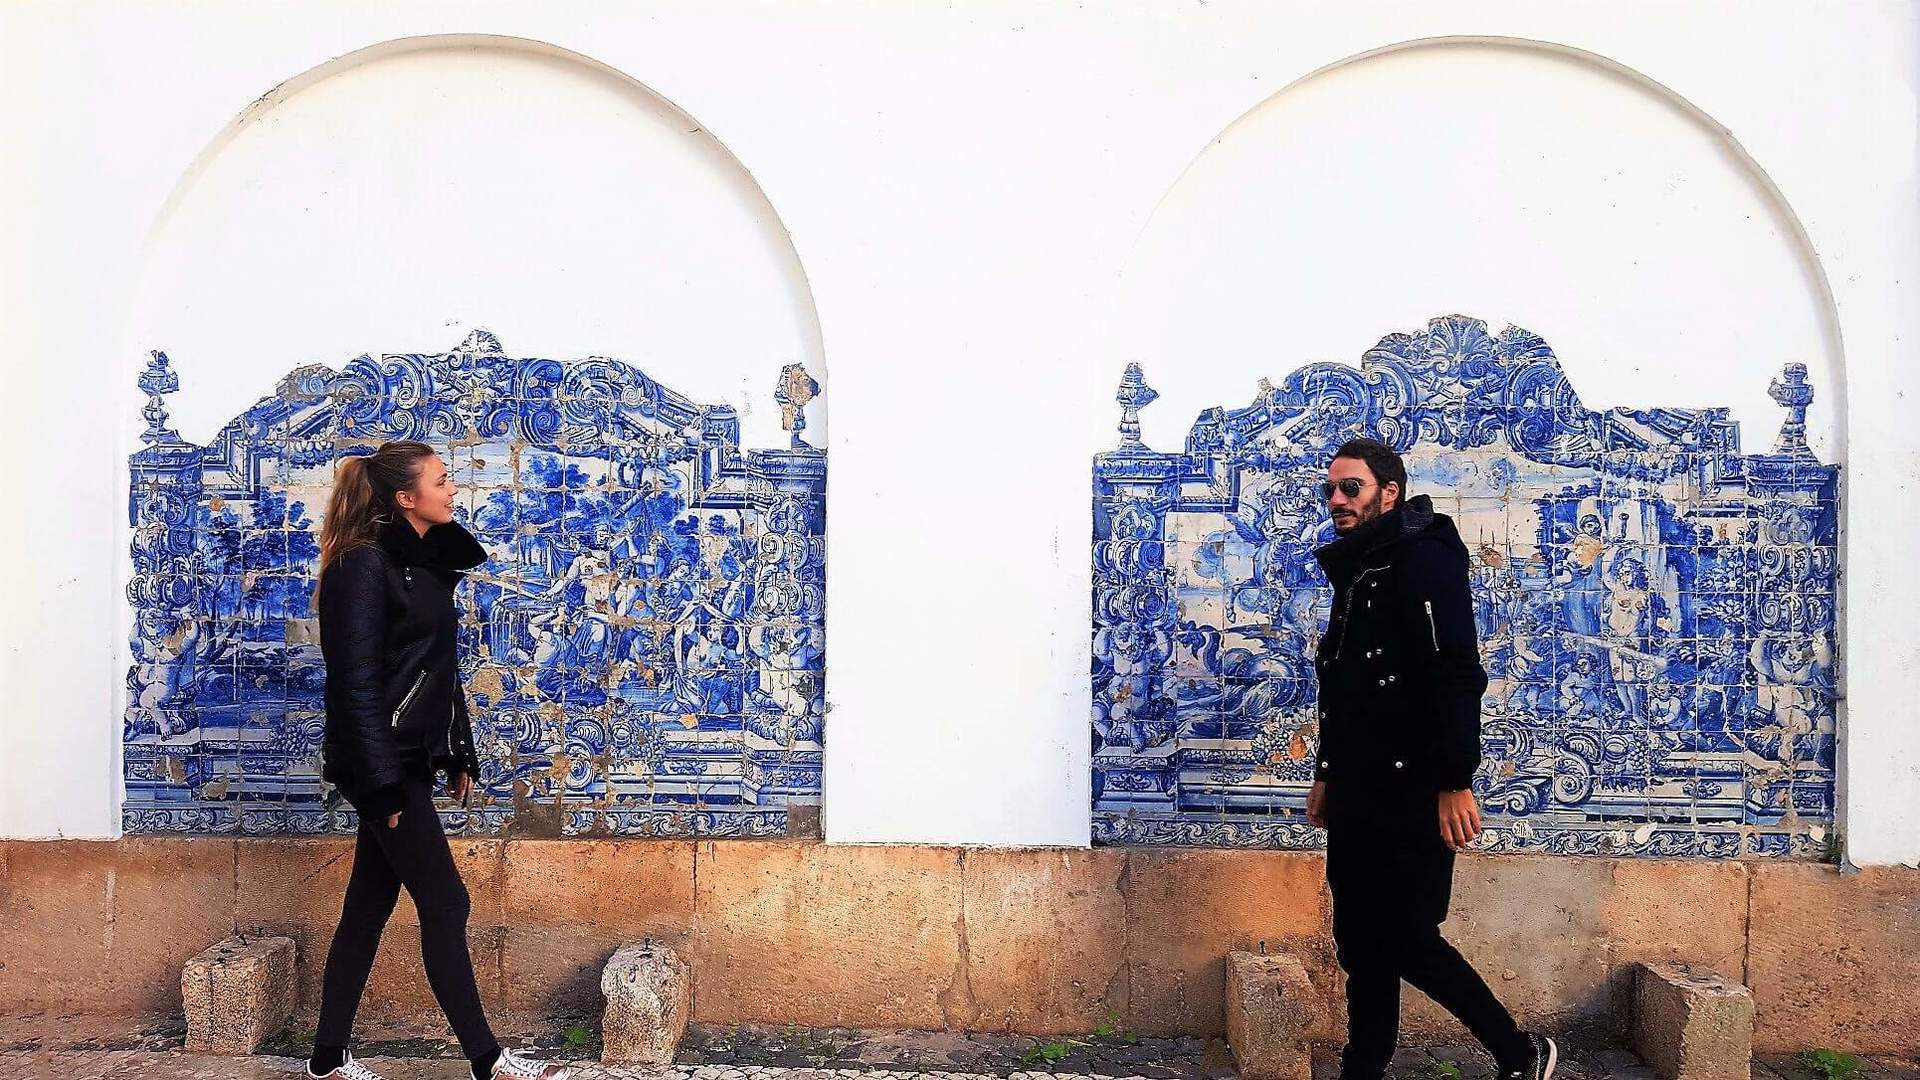 Visiter-Lisbonne-balade-dans-le-quartier-alfama